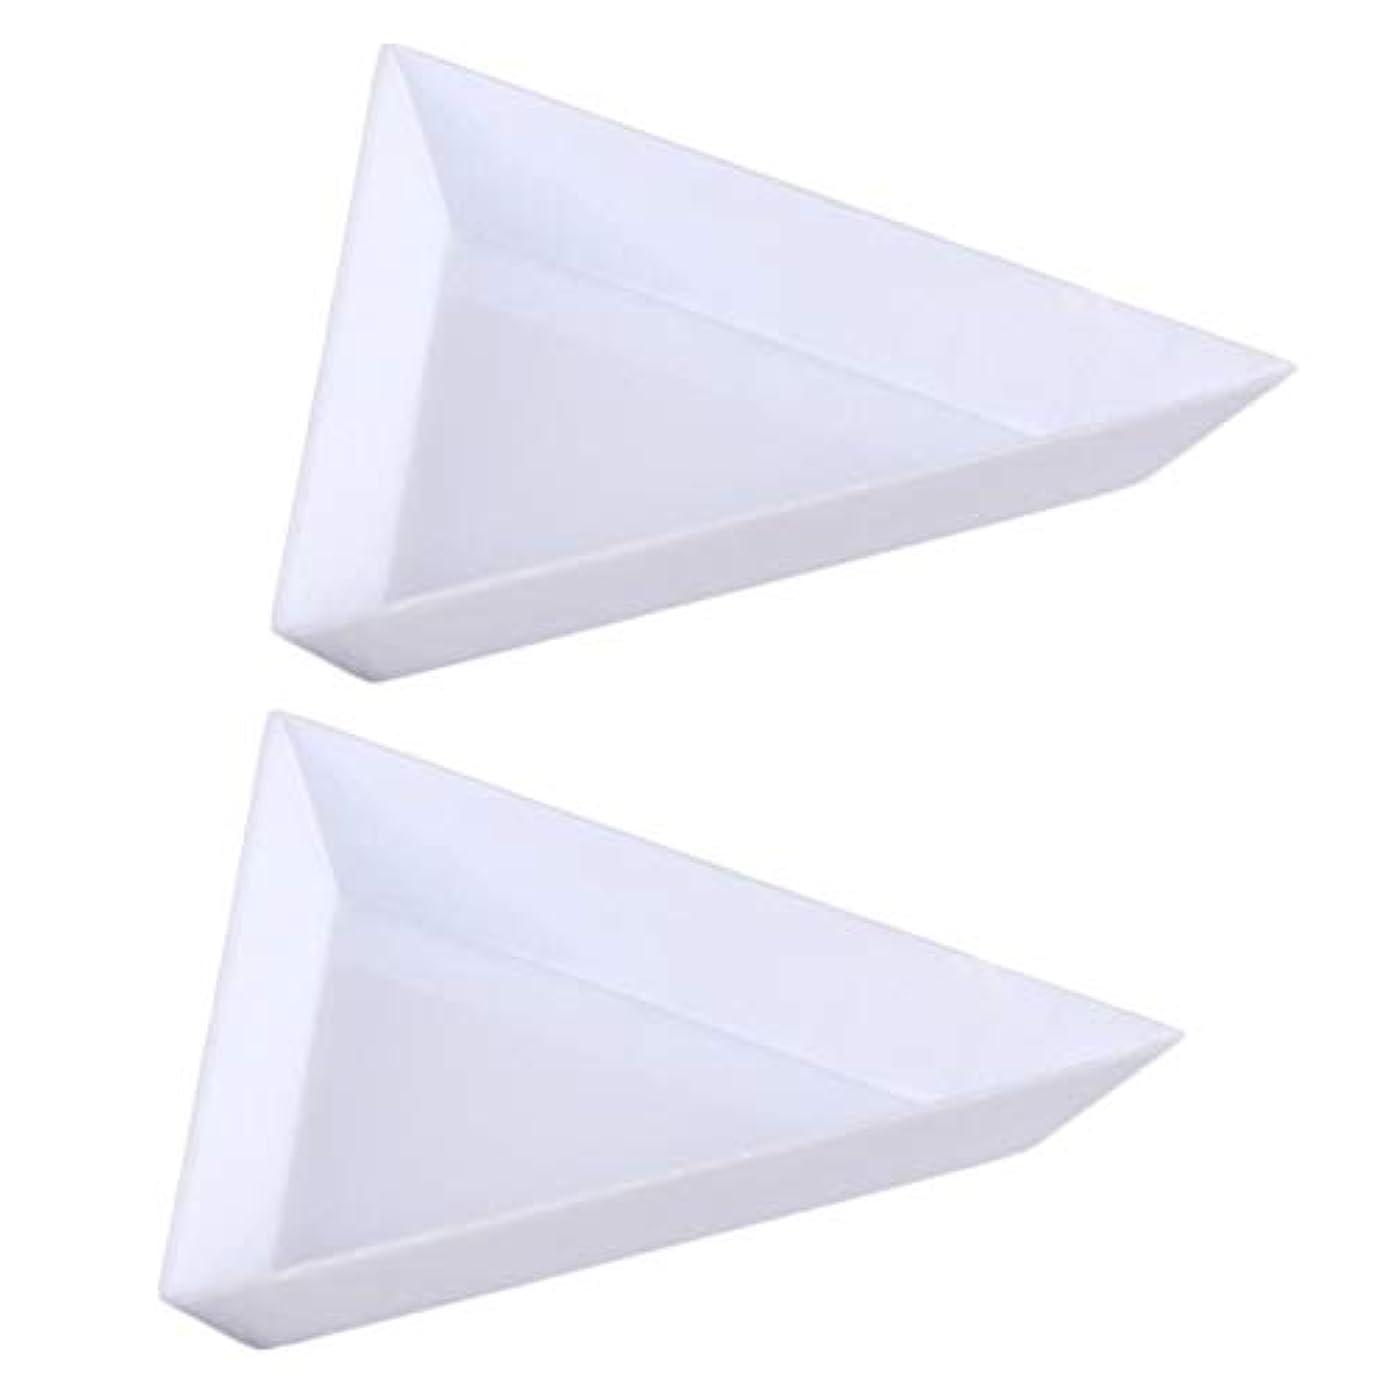 多様な肺不健全TOOGOO 10個三角コーナープラスチックラインストーンビーズ 結晶 ネイルアートソーティングトレイアクセサリー白 DiyネイルアートデコレーションDotting収納トレイ オーガニゼーションに最適